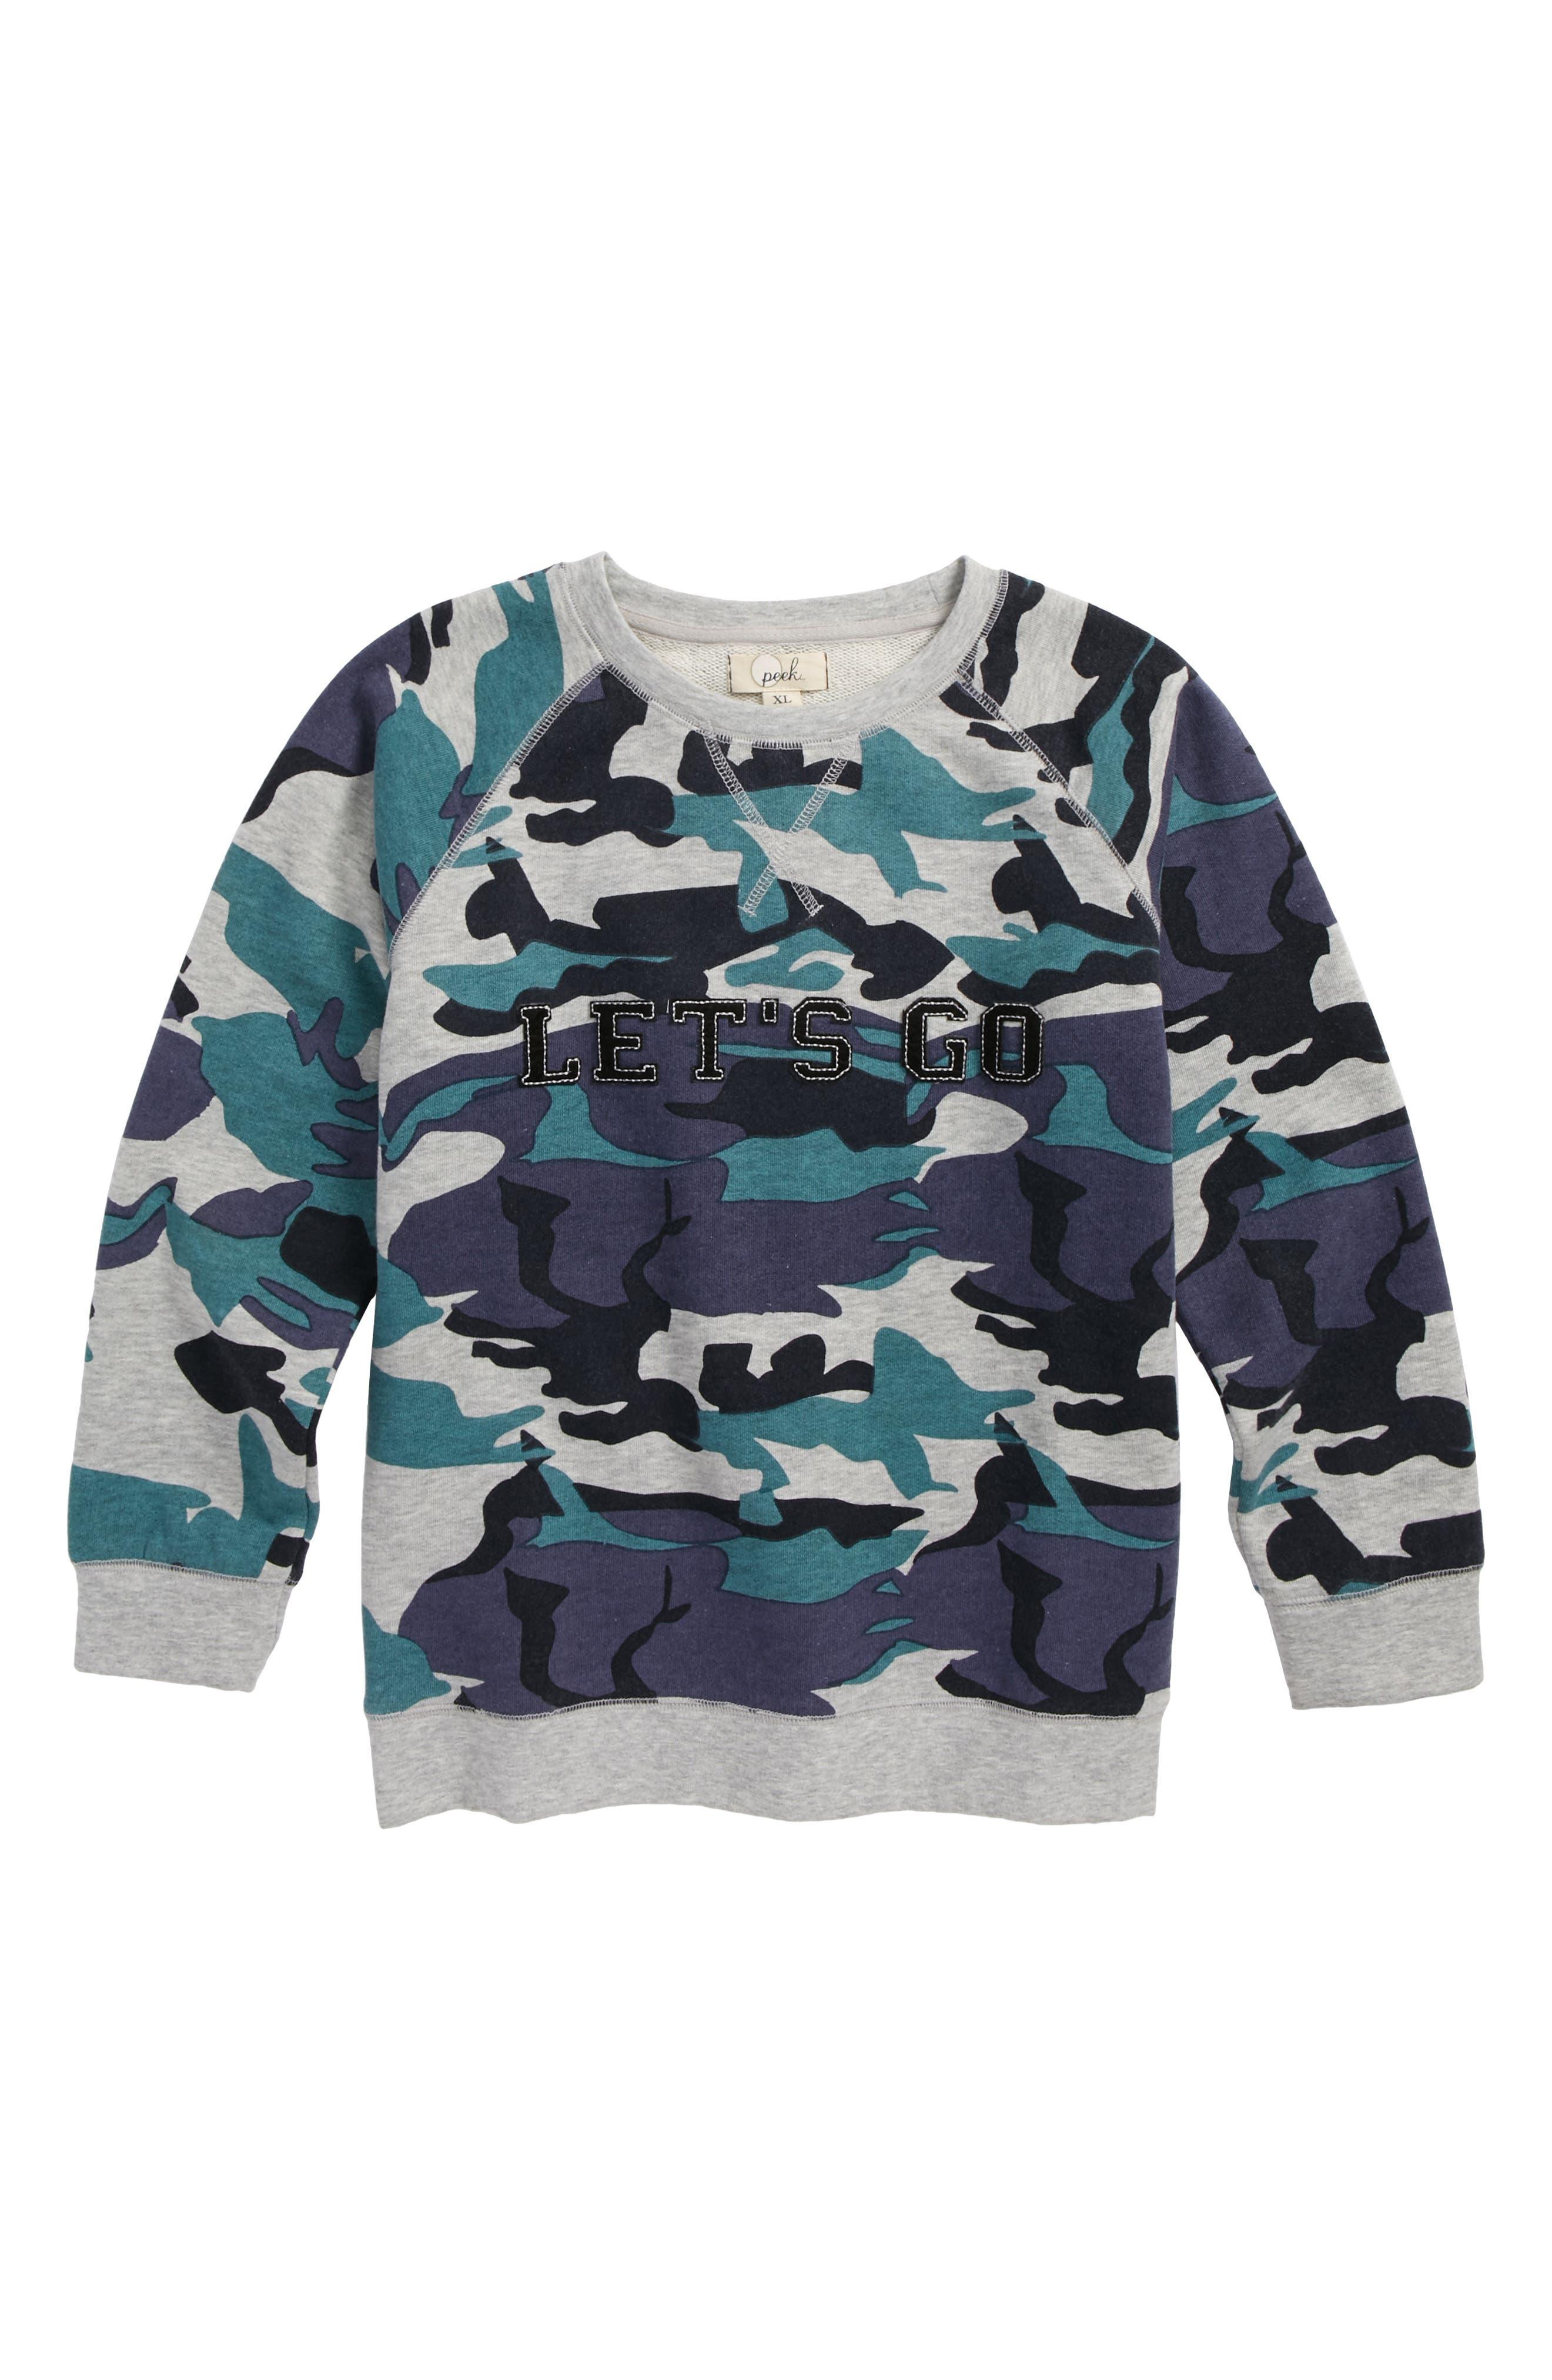 Let's Go Sweatshirt,                             Main thumbnail 1, color,                             400